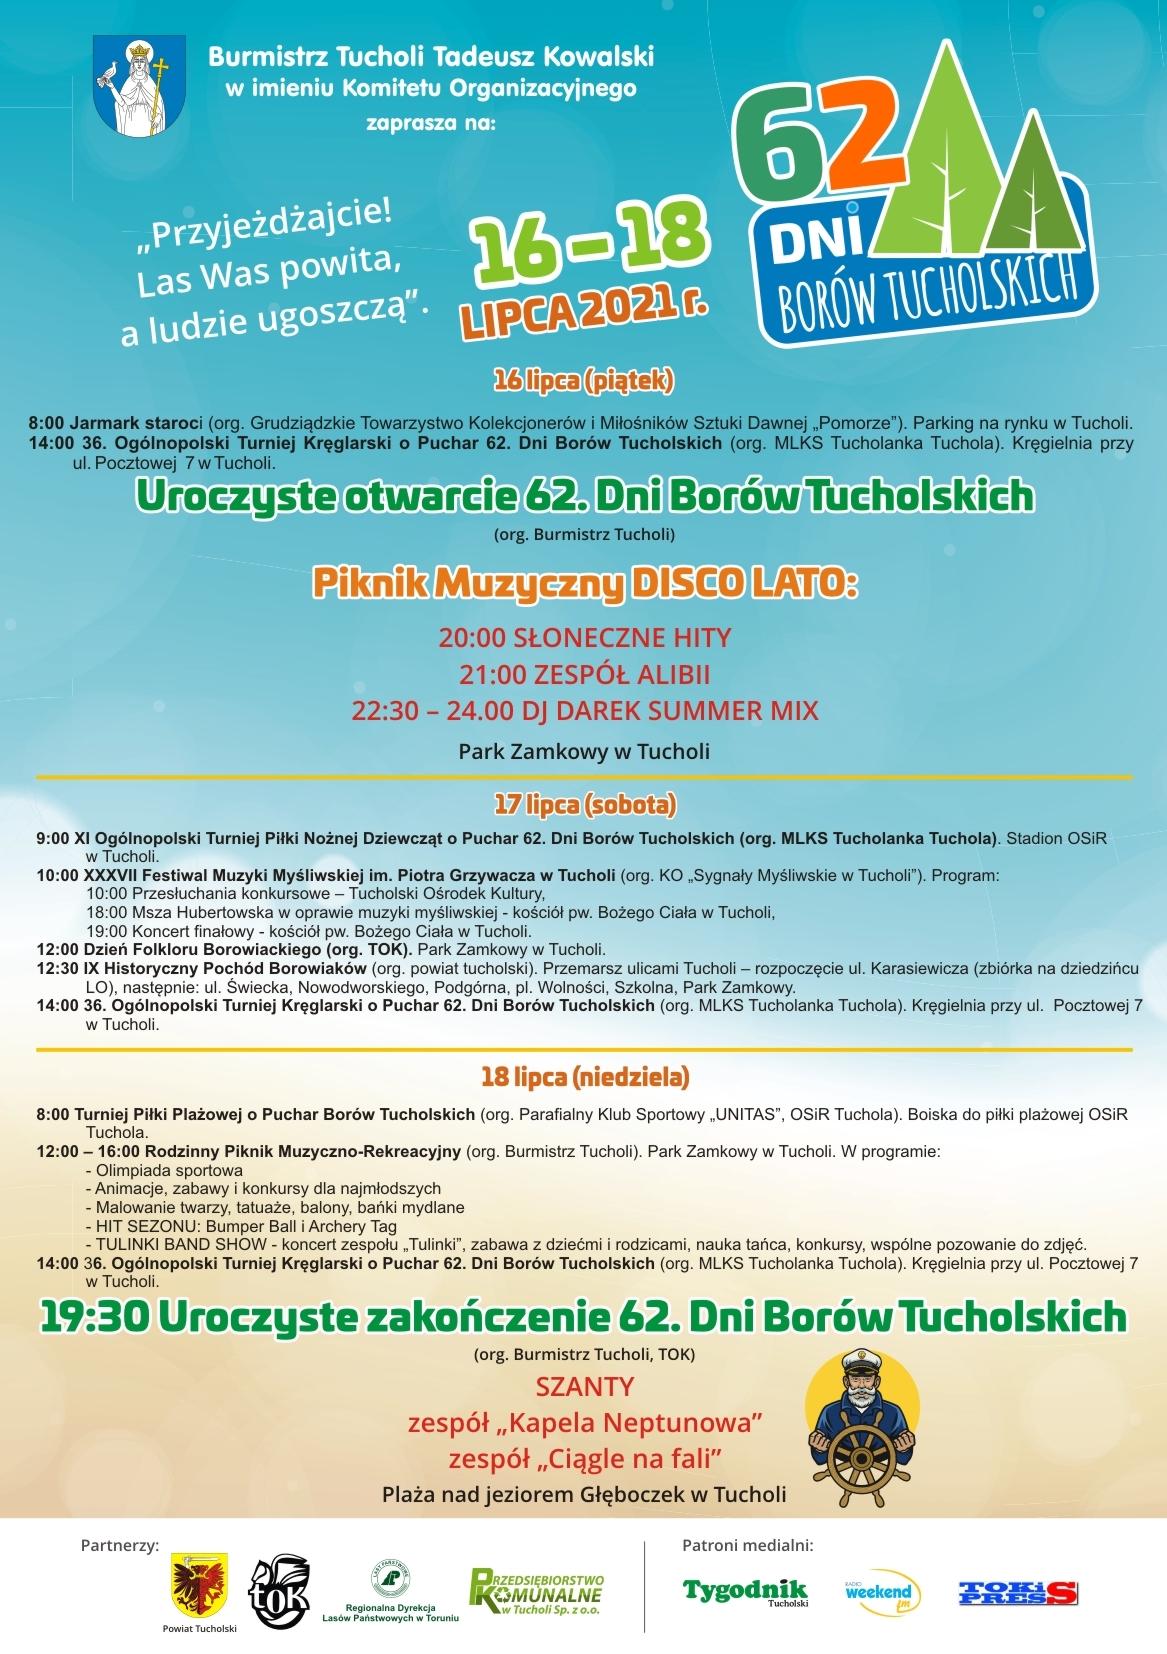 Plakat z programem 62. Dni Borów Tucholskich. Jego treść jest zawarta w artykule